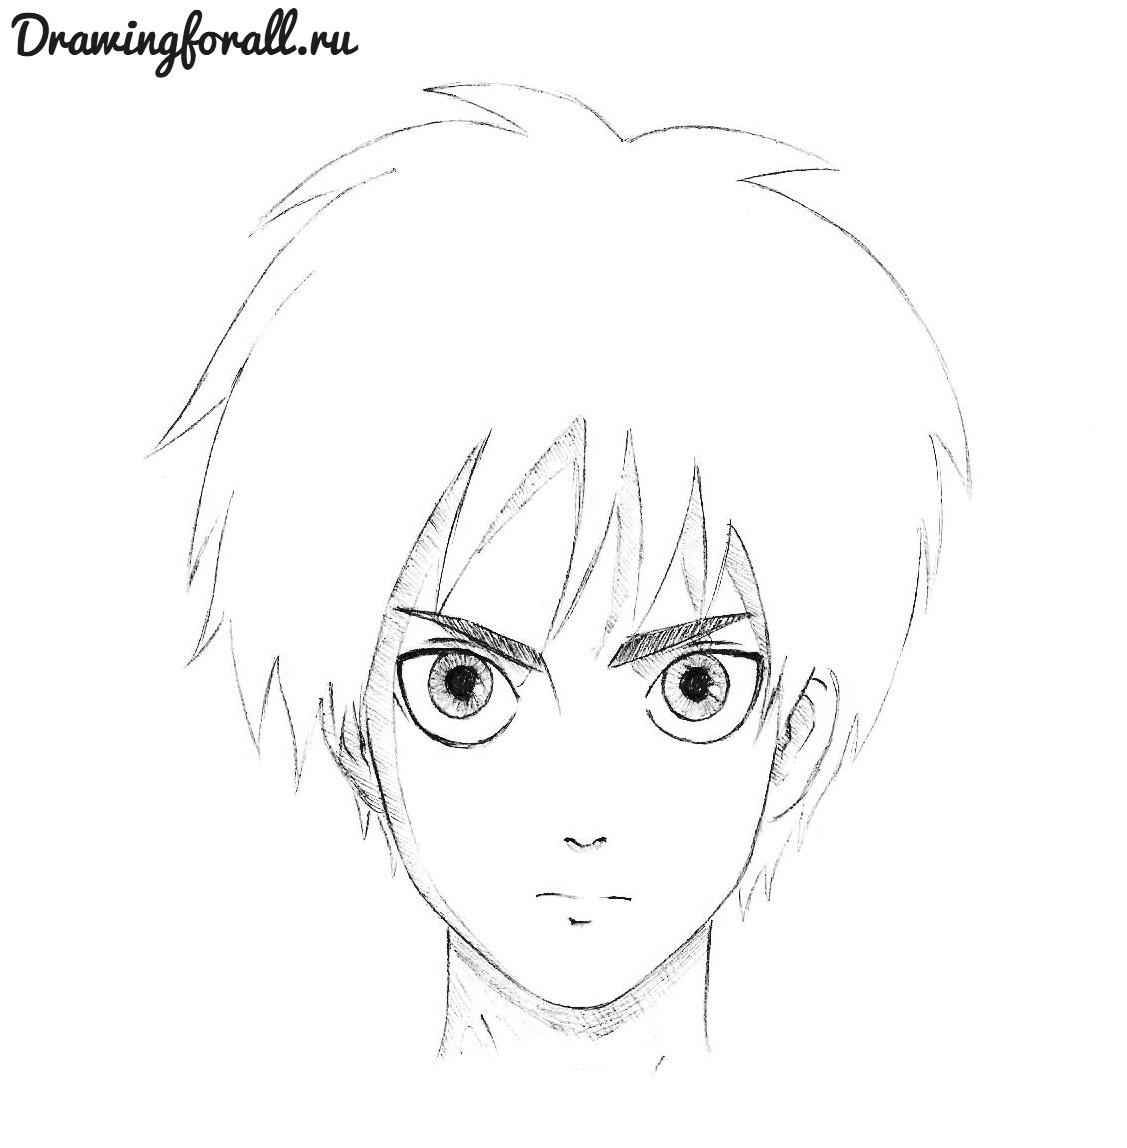 Нарисовать тело аниме мальчика